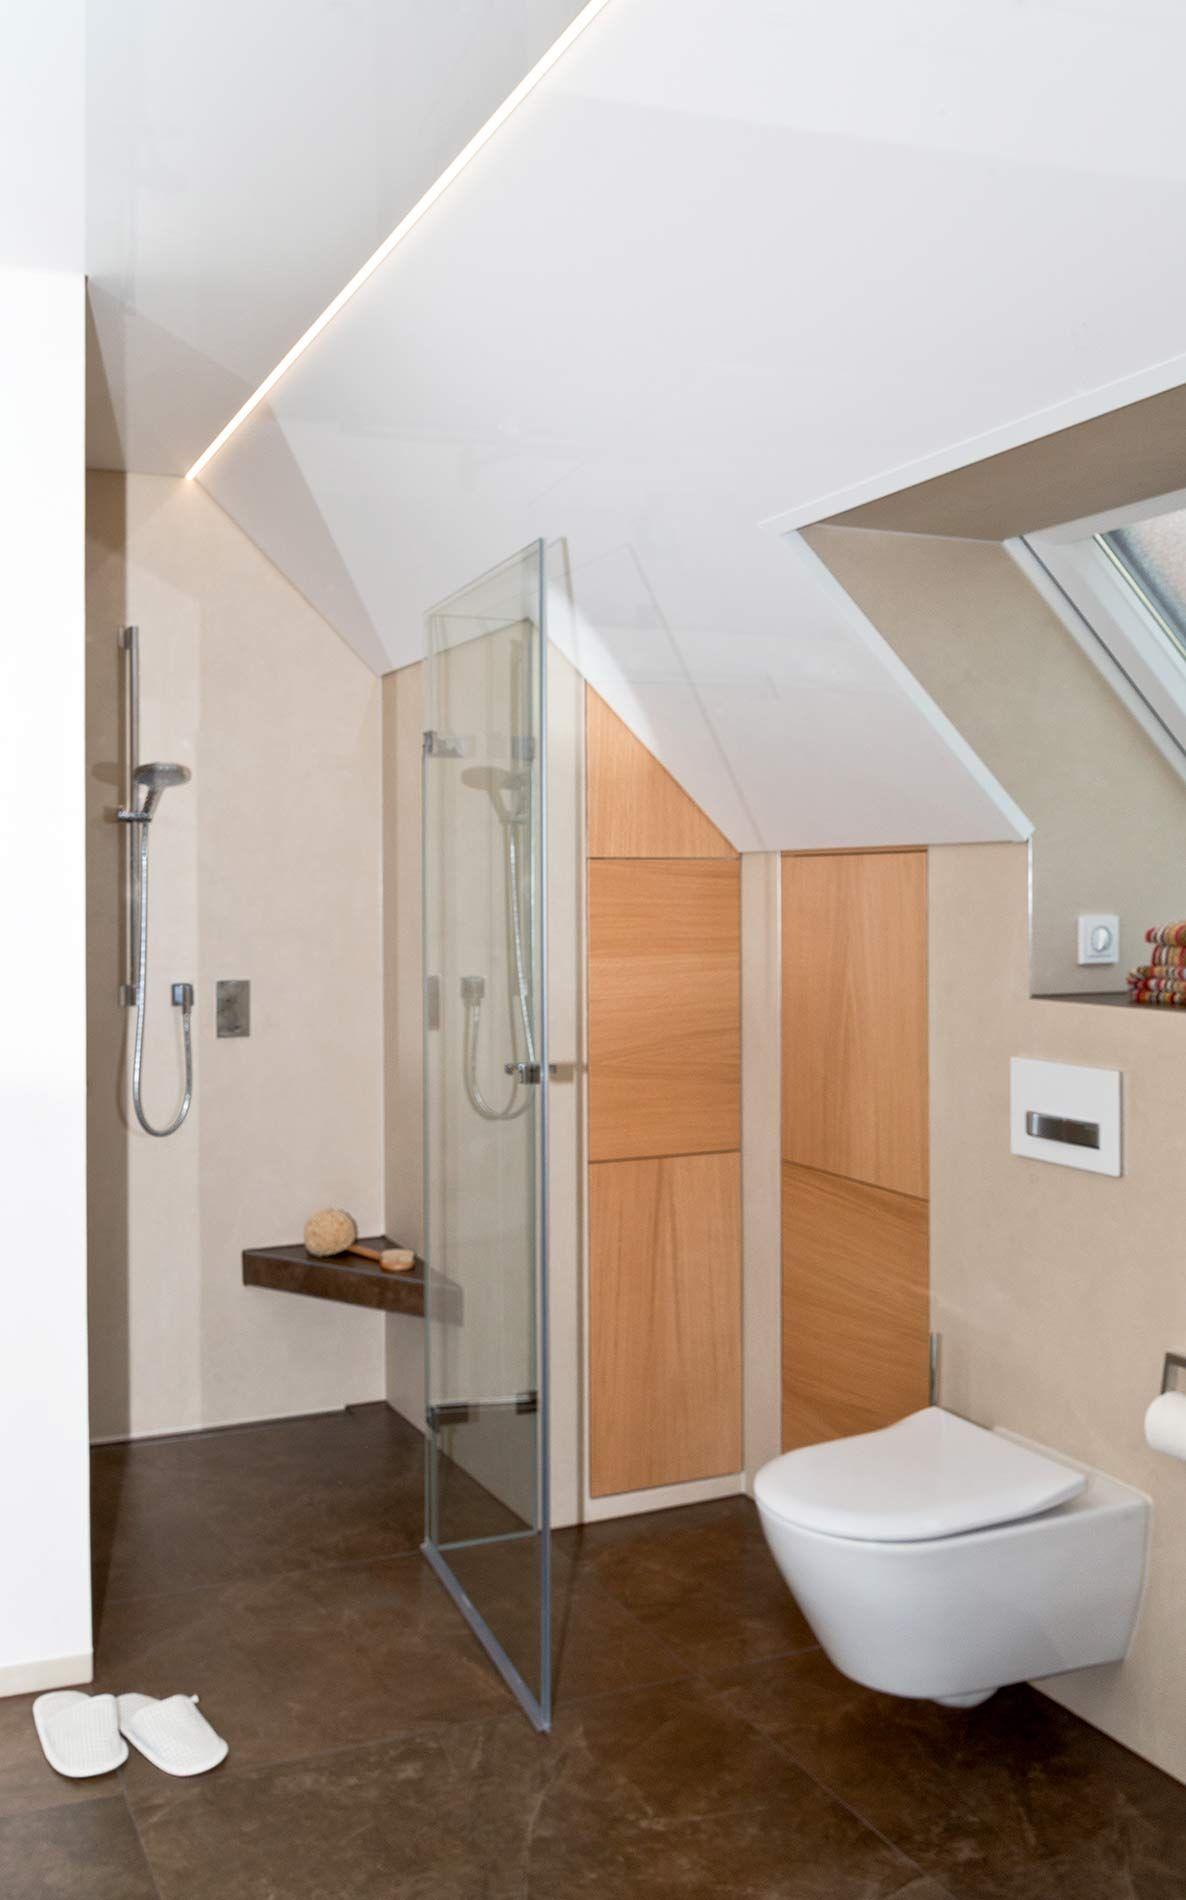 bodenebene dusche mit fliesen in marmoroptik glast r und kleiner sitzbank kleine b der mit. Black Bedroom Furniture Sets. Home Design Ideas